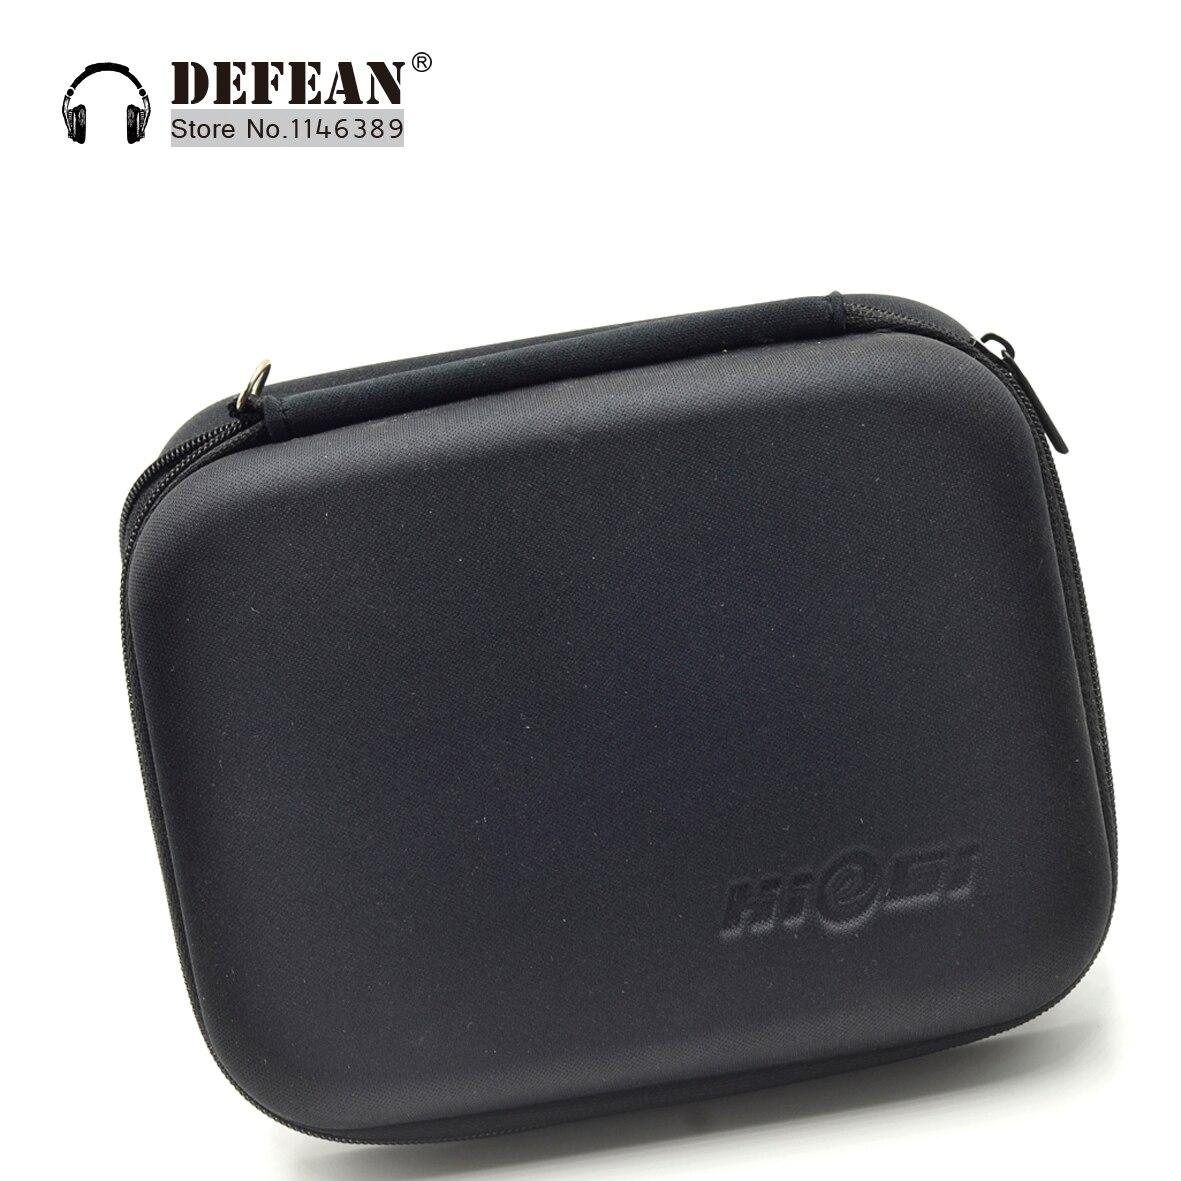 bilder für Schwarz hard case tasche für akg k414p k416p k24p k26p k412p k 414 416 headphonesfree verschiffen alistore